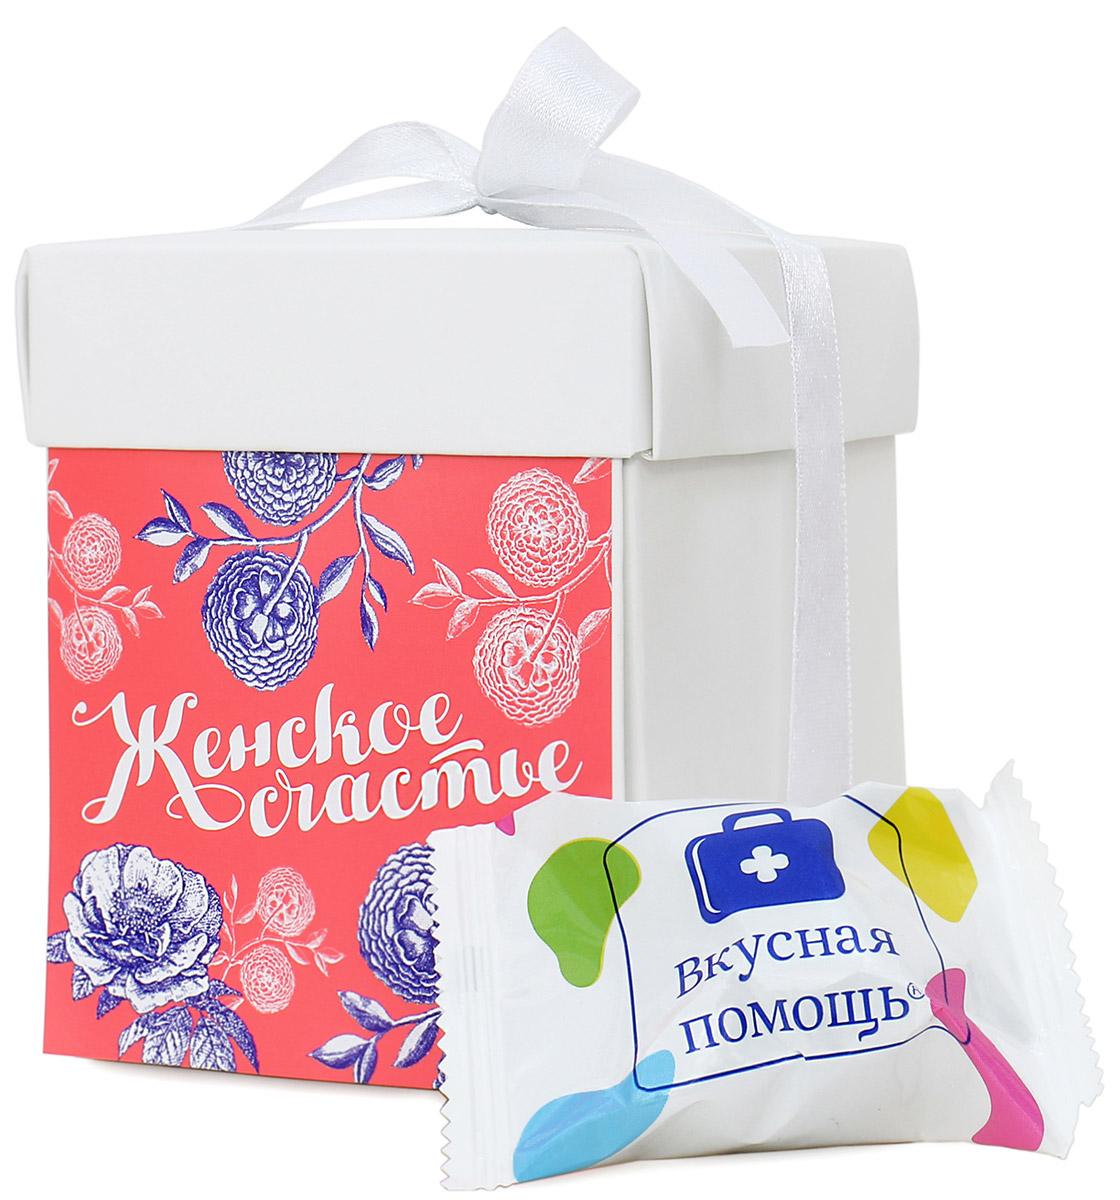 Вкусная помощь Женское счастье конфеты, 125 г0120710Сладкий подарок для девушек всегда был приятным. Даже если они не едят конфеты, то в тайне о них мечтают.Новый яркий дизайн упаковки порадует представительниц прекрасного пола - нежный и по-девичьи трогательный. Внутри - шоколадные конфеты Мадлен со вкусом сливок и орехом. Глазированные кондитерской глазурью и обсыпанные жареным дробленым арахисом конфеты со сливочно-ореховой начинкой придутся по душе всем любительницам сладостей. Дарите своим девушкам сладкие подарки и укрепляйте отношения. Еще такая коробочка отлично подойдет в качестве подарка вашим сотрудницам в офисе.